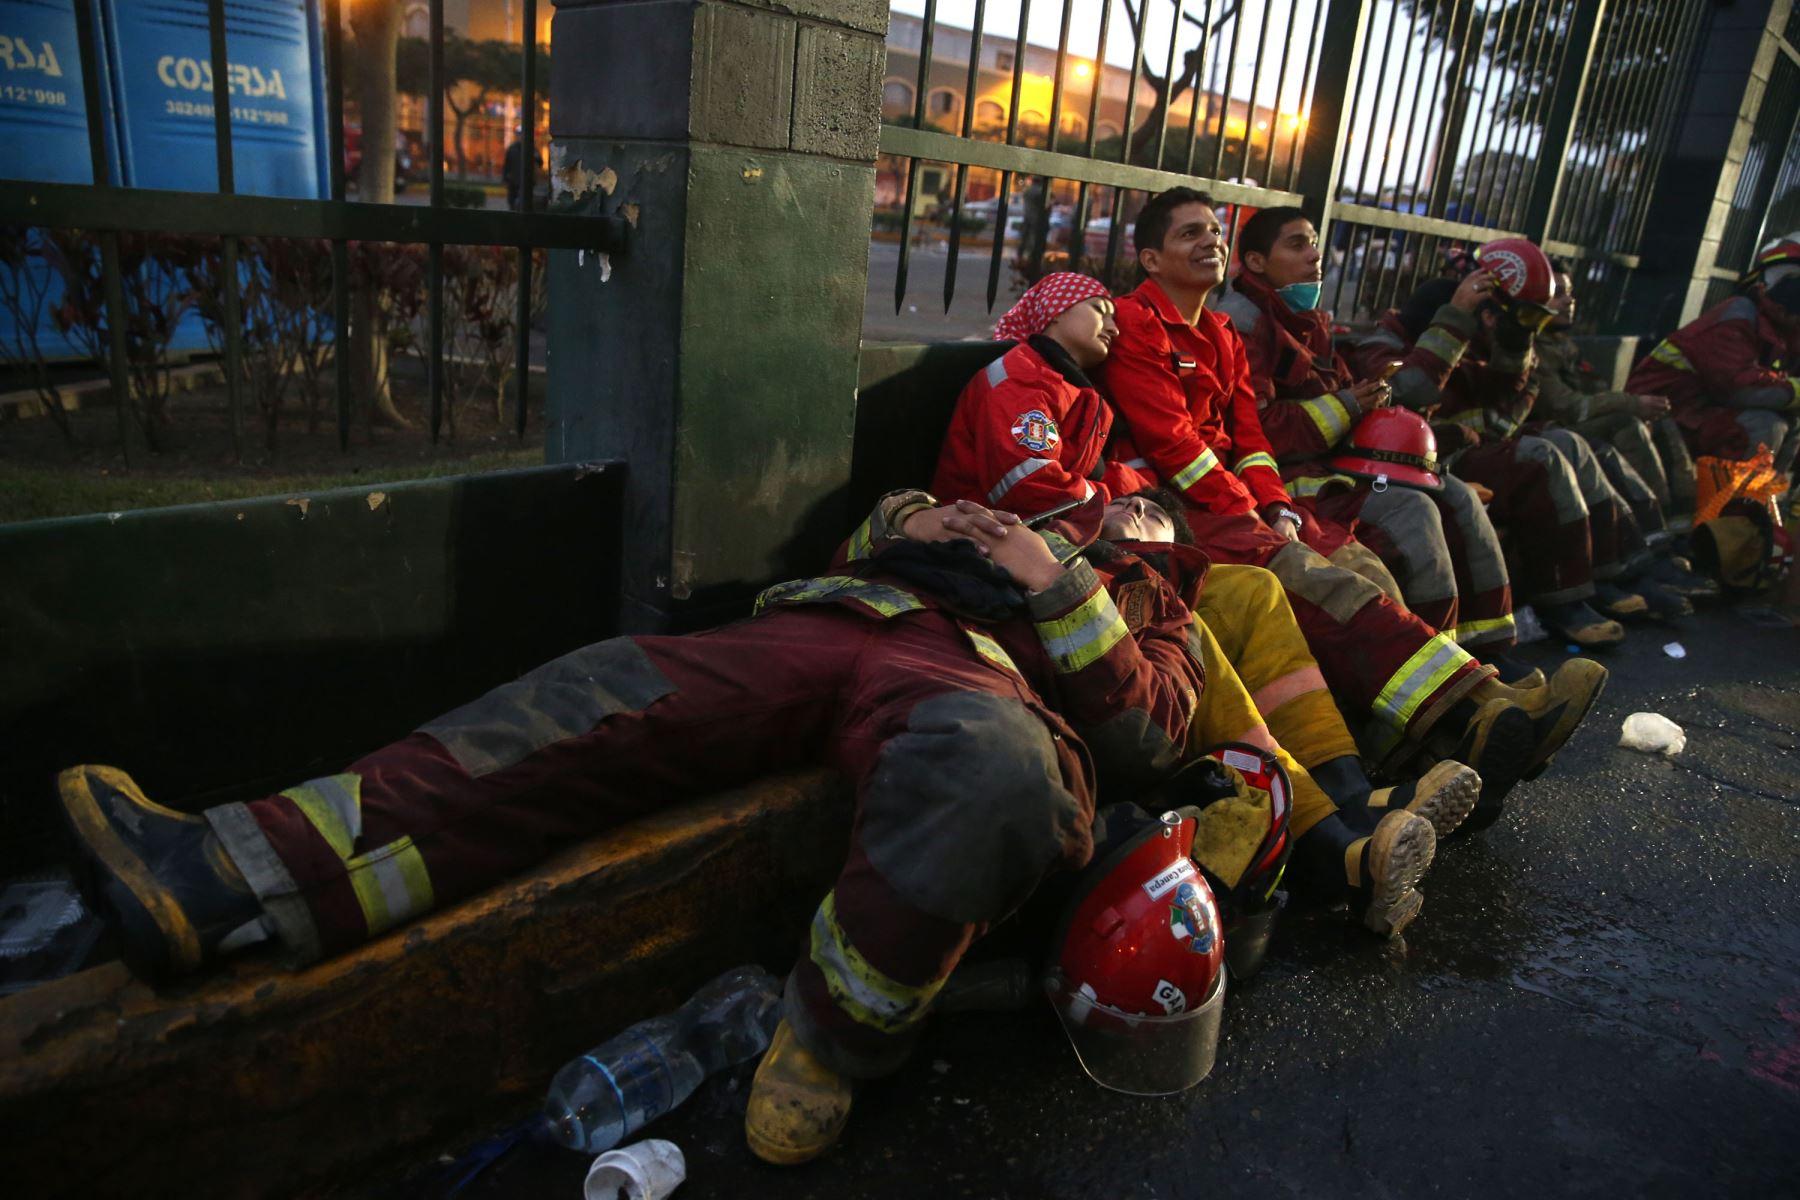 LIMA-PERÚ, JUNIO 24. Bomberos continúan luchando por controlar el incendio en la galería Nicolini, en Las Malvinas, pese al cansancio y las largas horas de trabajo. Foto: ANDINA/Vidal Tarqui